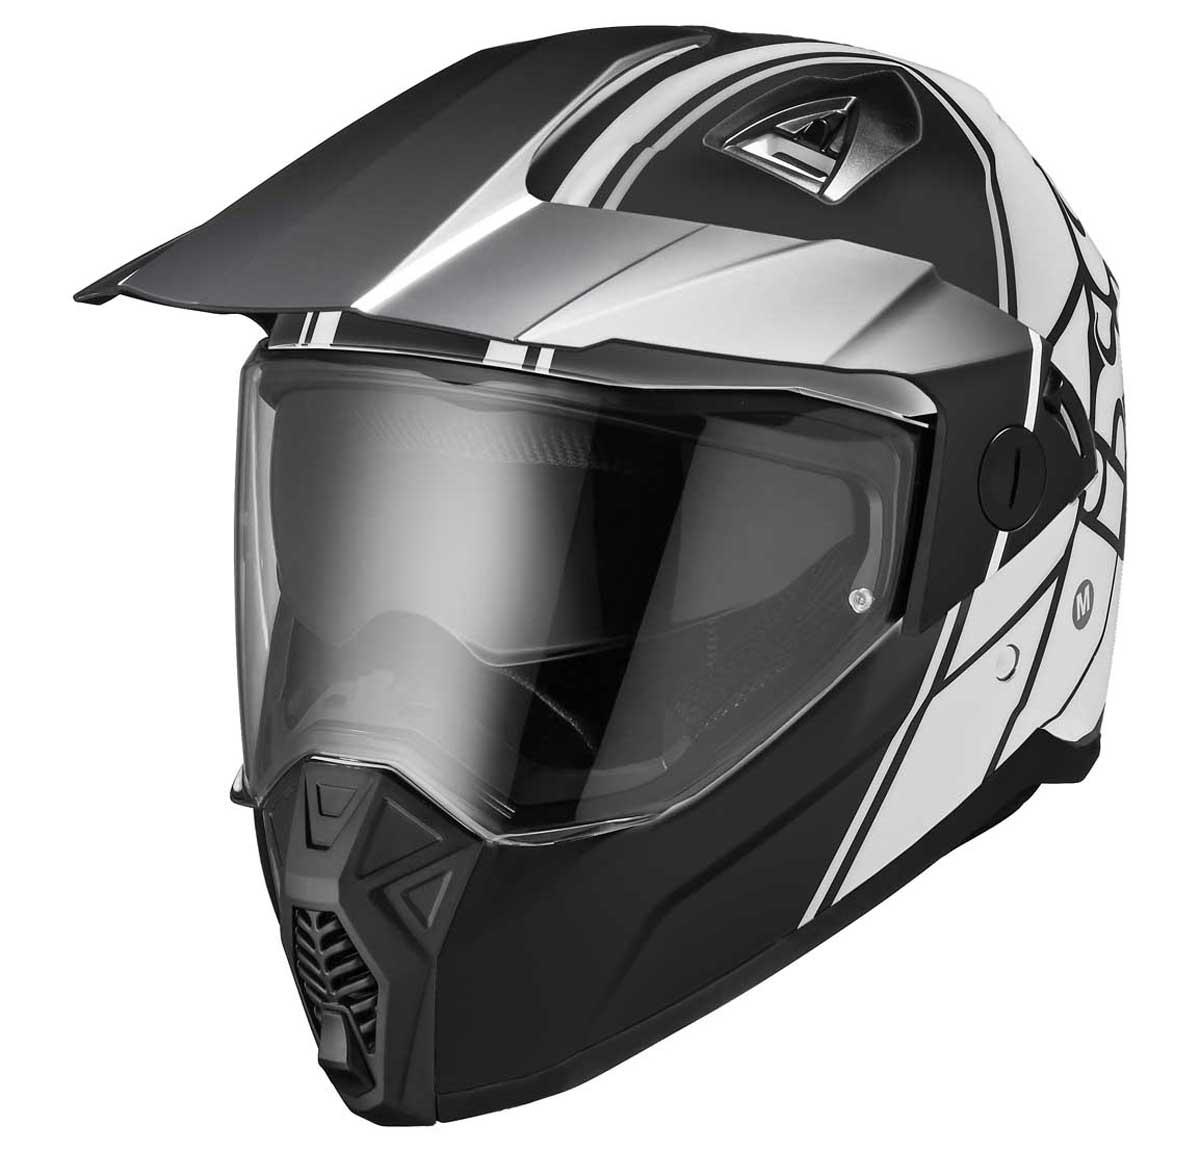 ENDUROHELM 208 2.0: On- und Offroad-Helm aus Polycarbonat mit Visier